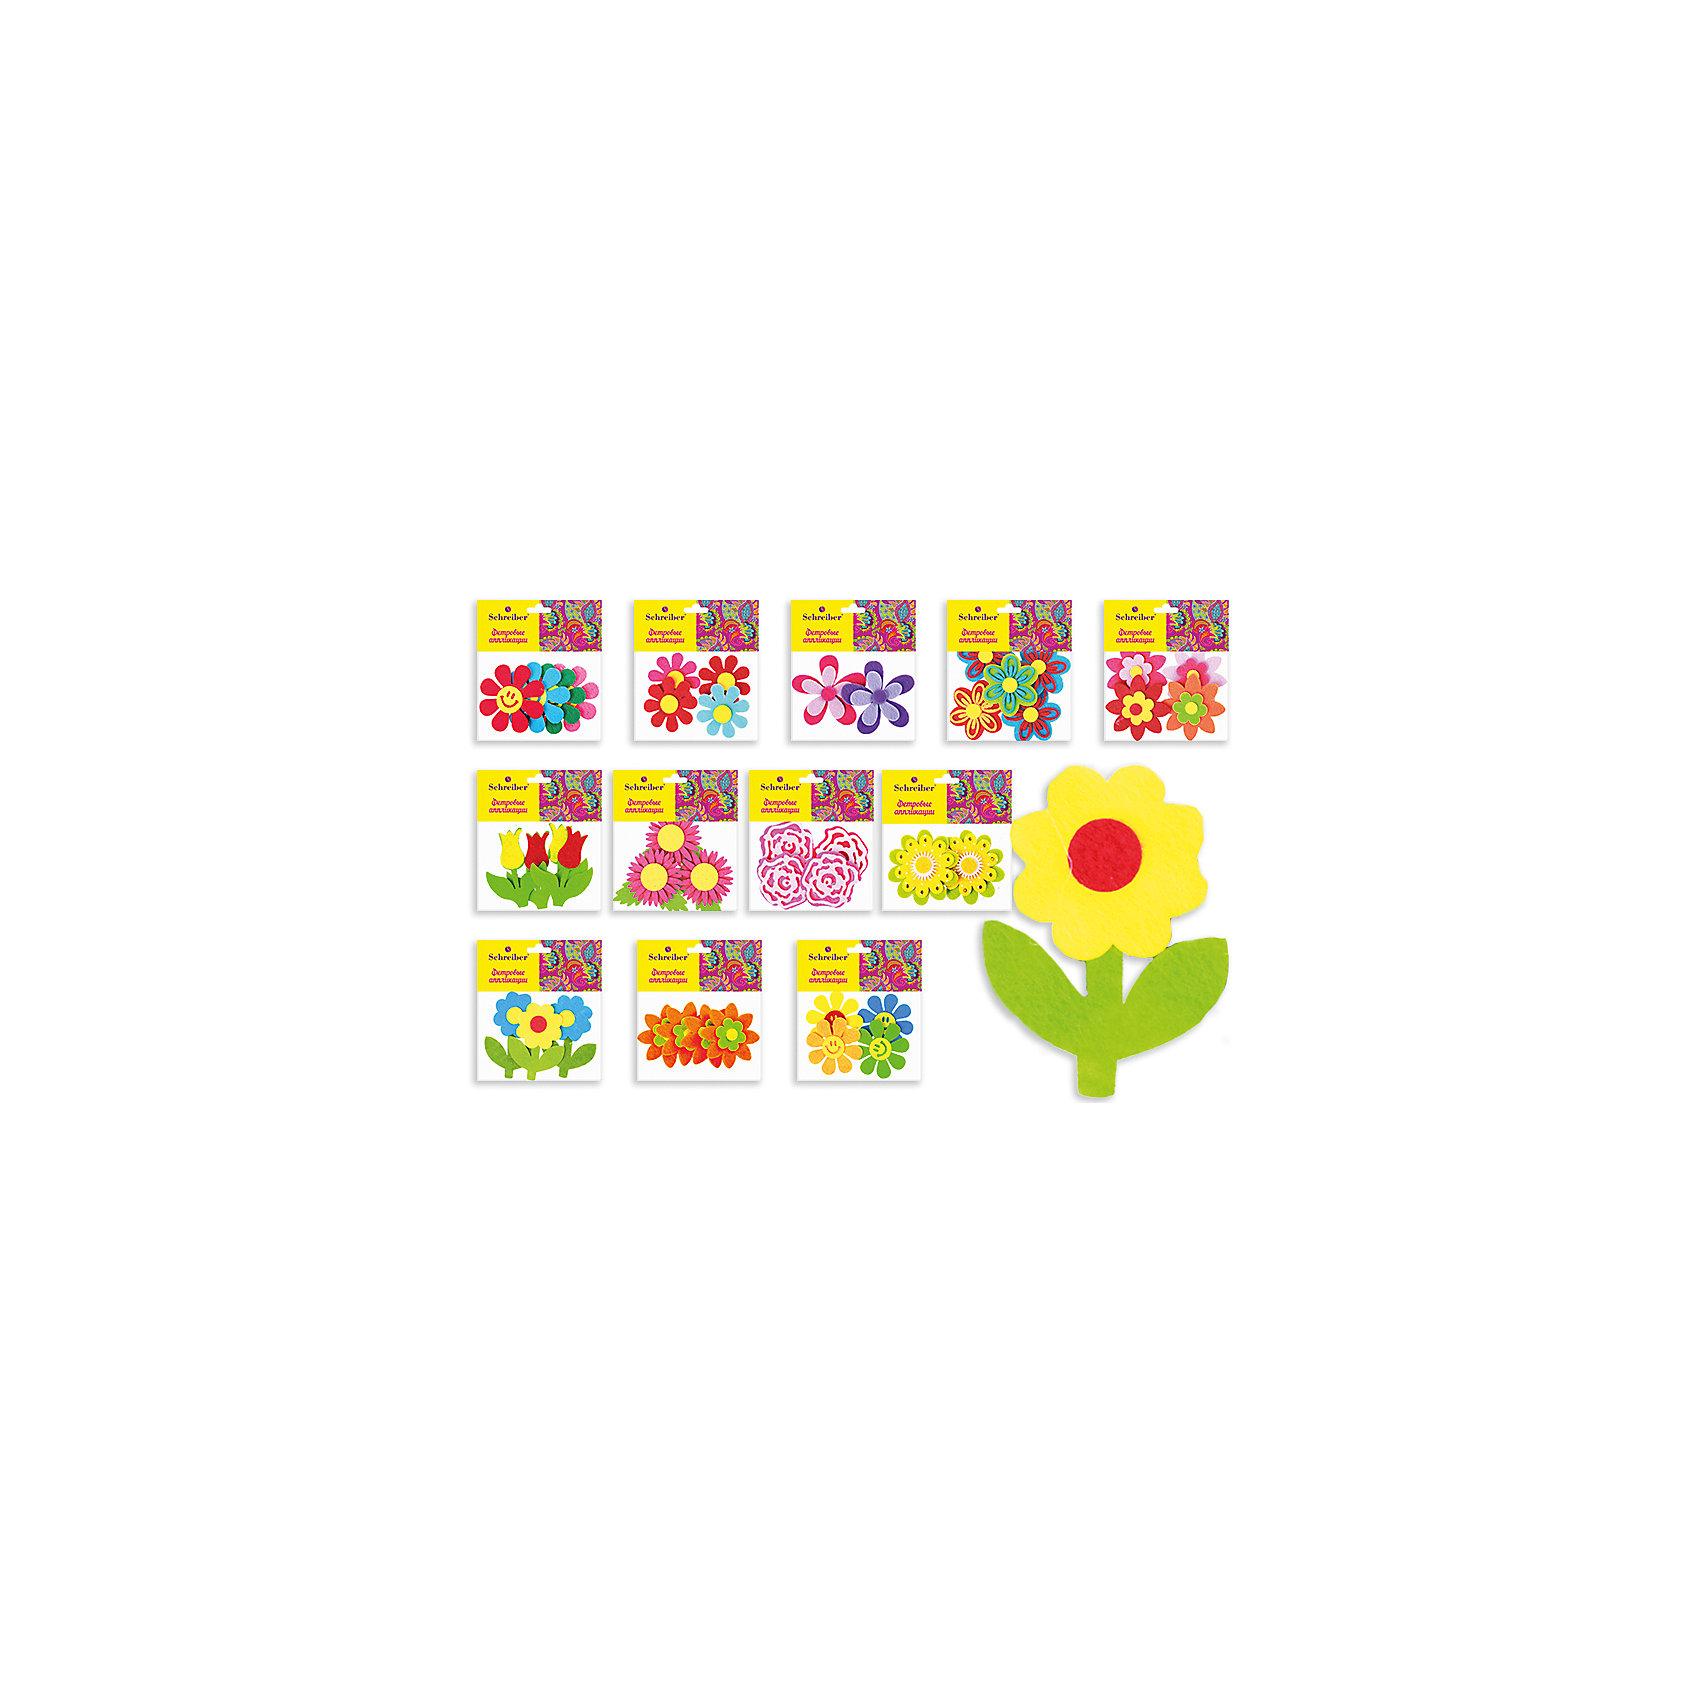 Фетровые аппликации Цветы 12*10 см (12 дизайнов в ассортименте)Последняя цена<br>Фетровые аппликации Цветы 12*10 см (12 дизайнов в ассортименте) от известного торгового бренда канцелярских товаров и товаров для творчества TUKZAR. Набор включает в себя разноцветные заготовки животных, растений и других предметов для занятий аппликацией с детьми дошкольного и младшего школьного возраста. Комплектация позволяет создавать сюжетные картинки. Кроме того, данные заготовки можно использовать в качестве меток для детской одежды.<br>Фетровые аппликации Цветы 12*10 см (12 дизайнов в ассортименте) способствуют развитию у ребенка внимания, усидчивости, воображения и фантазии.<br><br>Дополнительная информация:<br><br>- Предназначение: для аппликаций<br>- Материал: фетр<br>- Комплектация: 12 дизайнов (цветочки)<br>- Размеры упаковки (Д*В): 10*12 см<br>- Упаковка: полиэтилен<br><br>Подробнее:<br><br>• Для детей в возрасте: от 3 лет <br>• Страна производитель: Китай<br>• Торговый бренд: TUKZAR<br><br>Фетровые аппликации Цветы 12*10 см (12 дизайнов в ассортименте) можно купить в нашем интернет-магазине.<br><br>Ширина мм: 120<br>Глубина мм: 100<br>Высота мм: 10<br>Вес г: 50<br>Возраст от месяцев: 36<br>Возраст до месяцев: 72<br>Пол: Унисекс<br>Возраст: Детский<br>SKU: 5001410